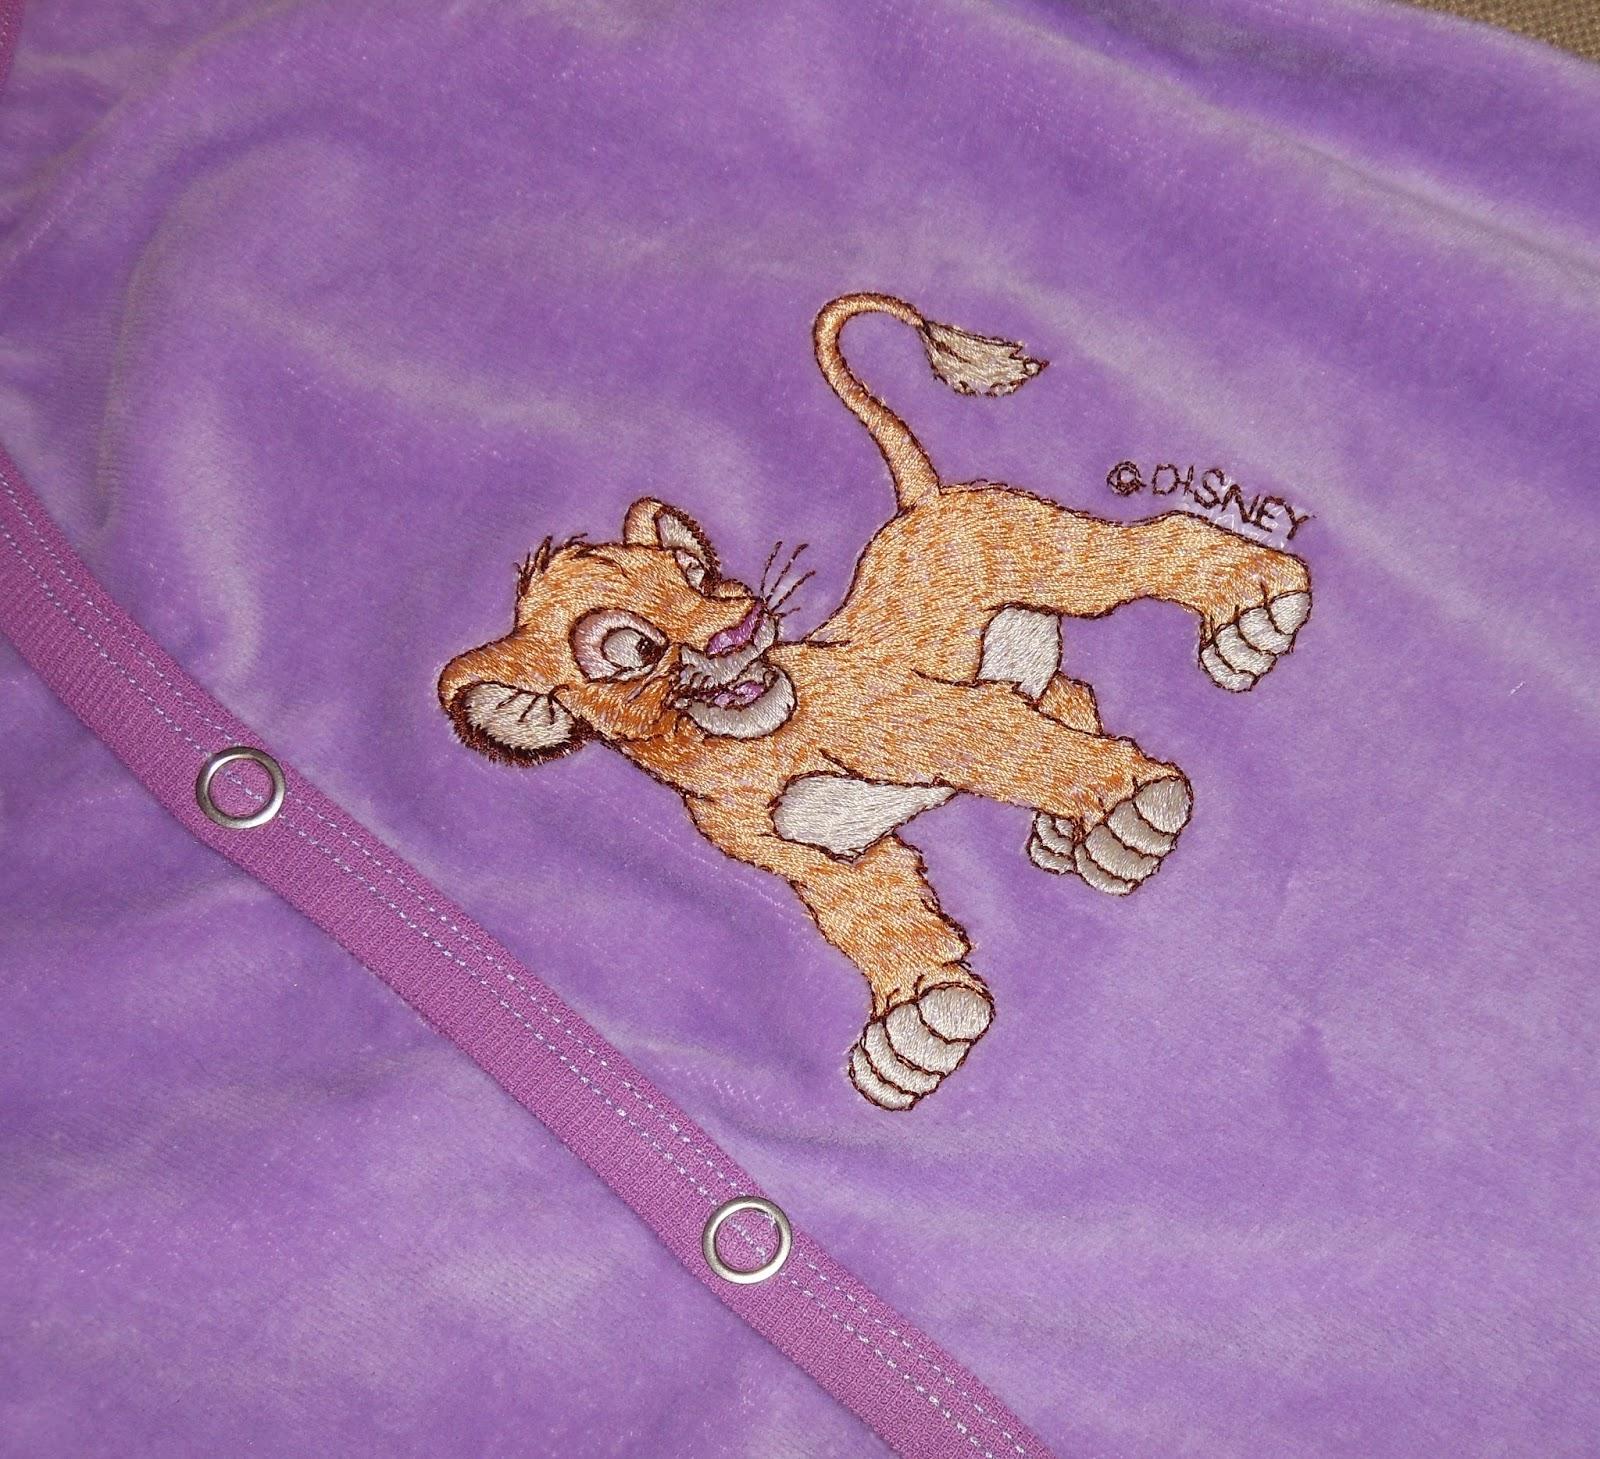 король лев, вышивка, вышивка для детей